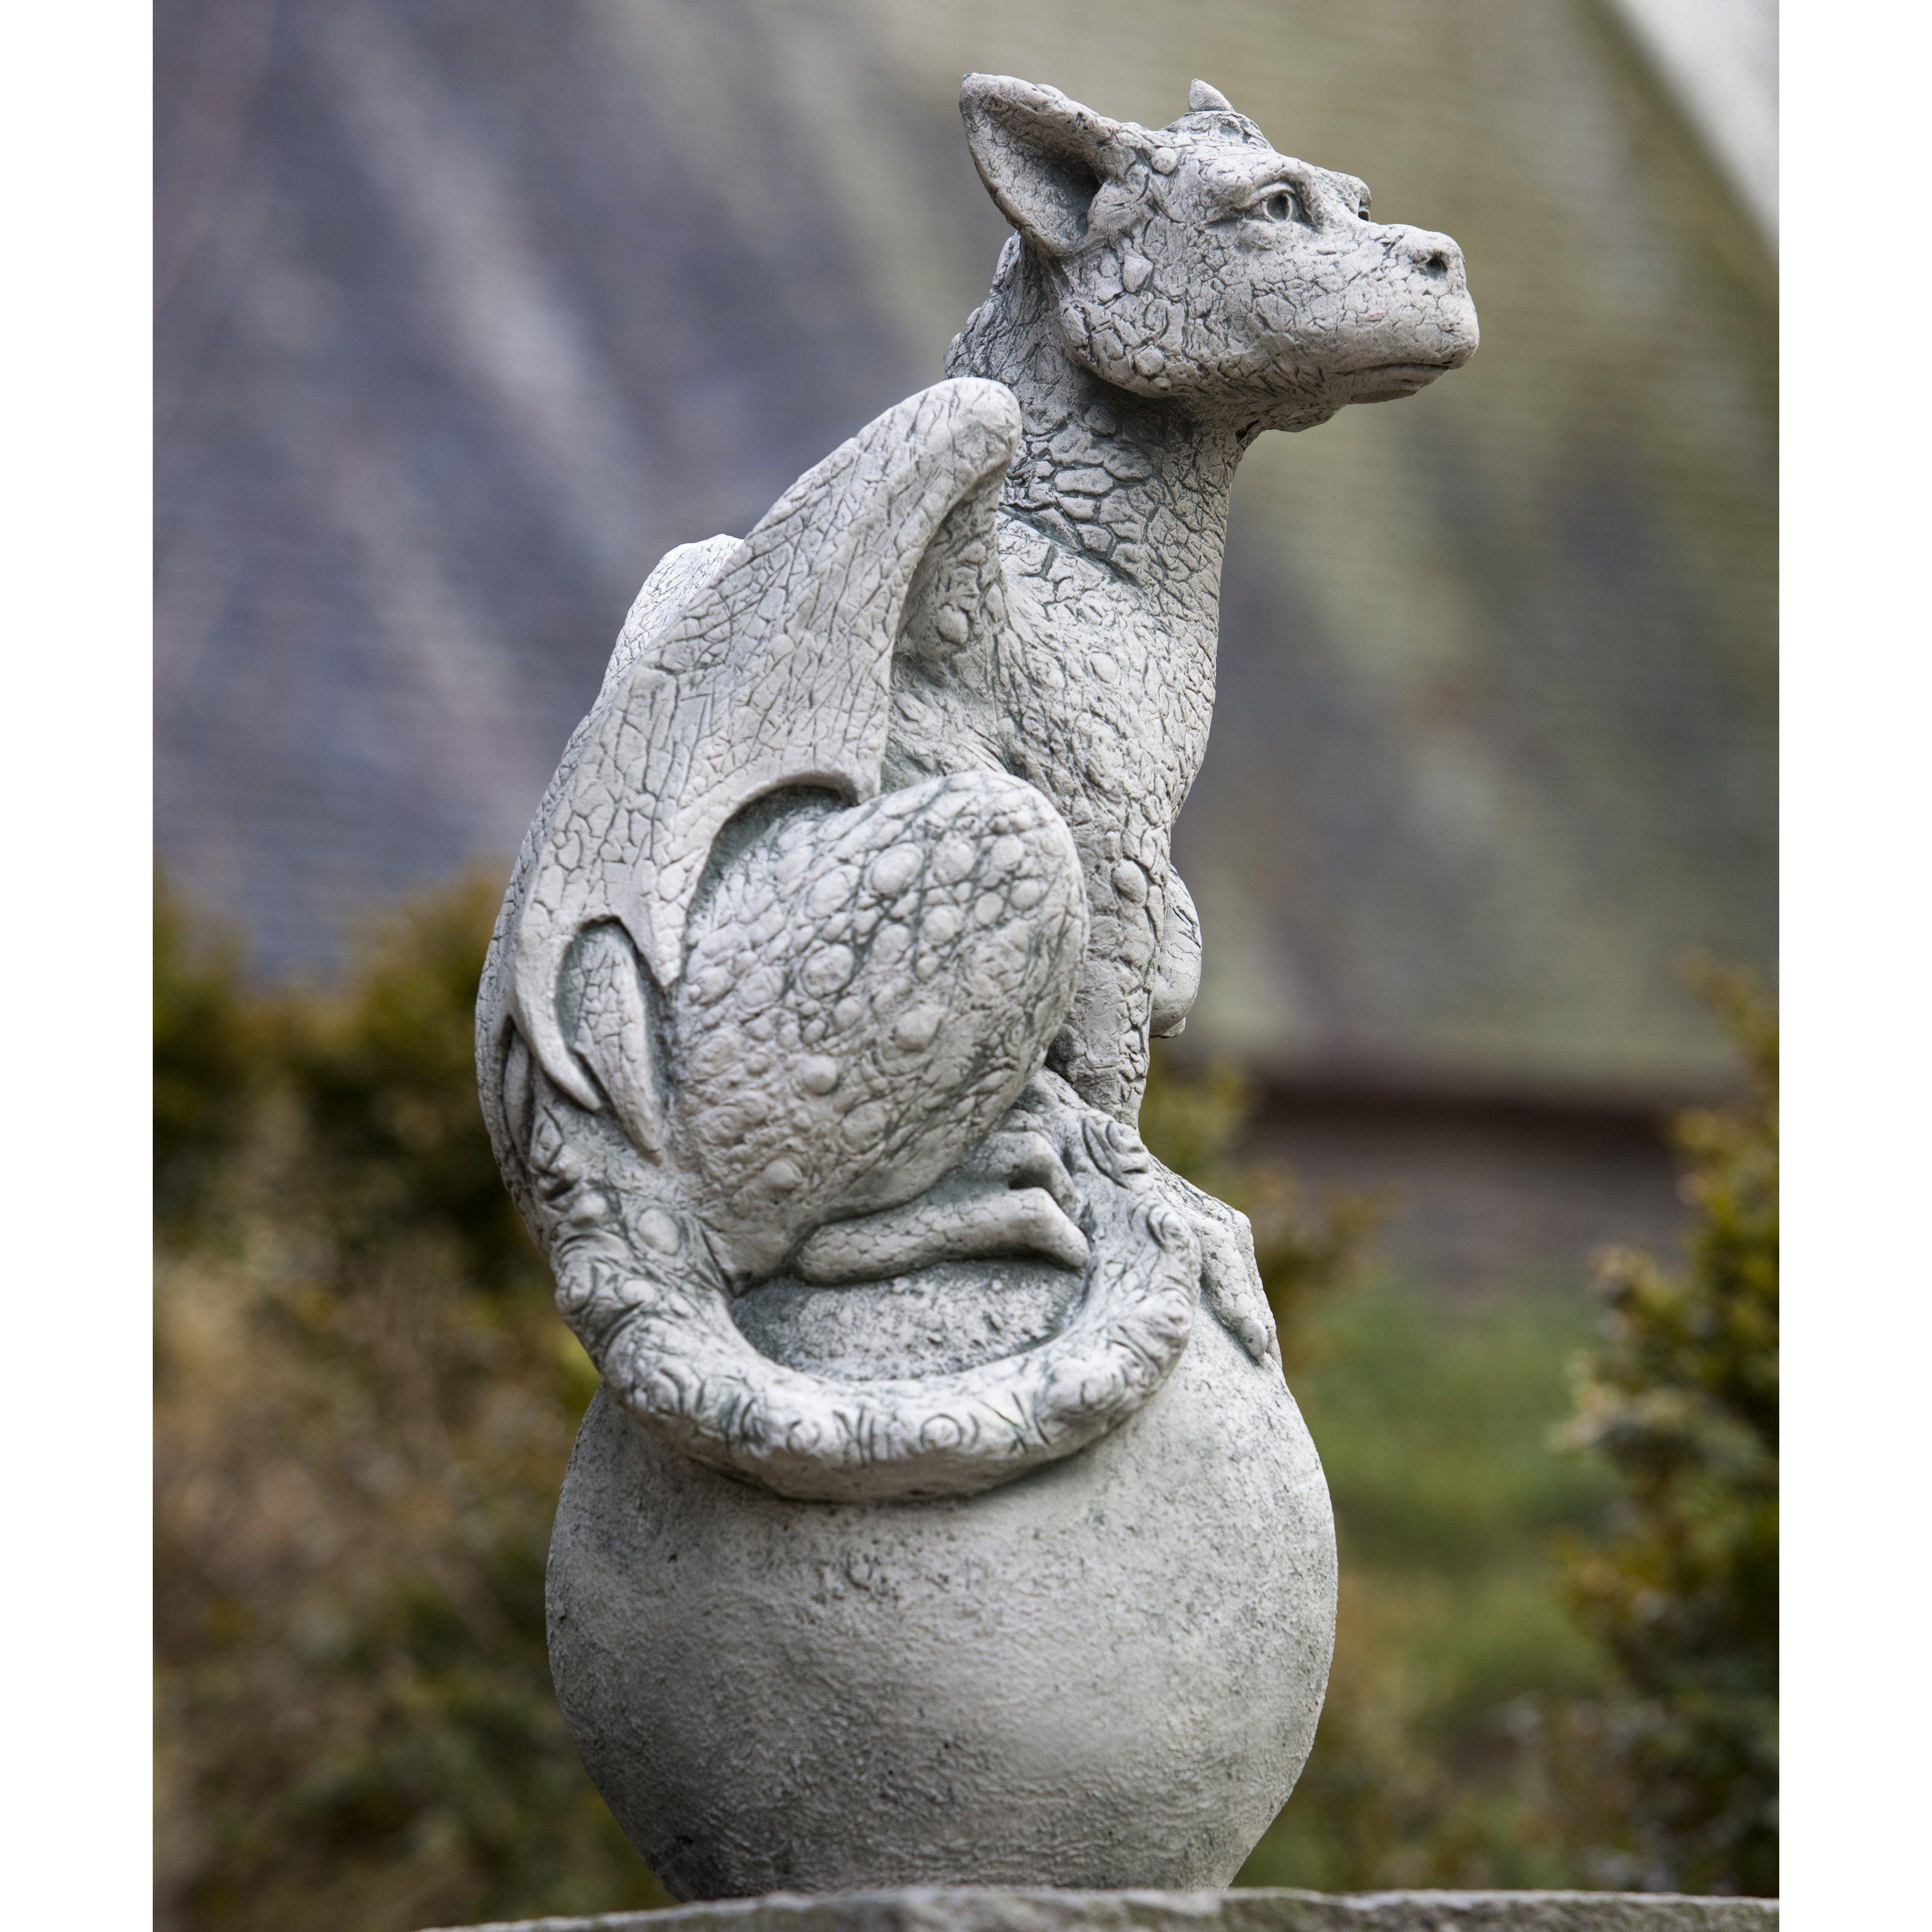 Garden Statues Nh: Garden Gargoyle Stone